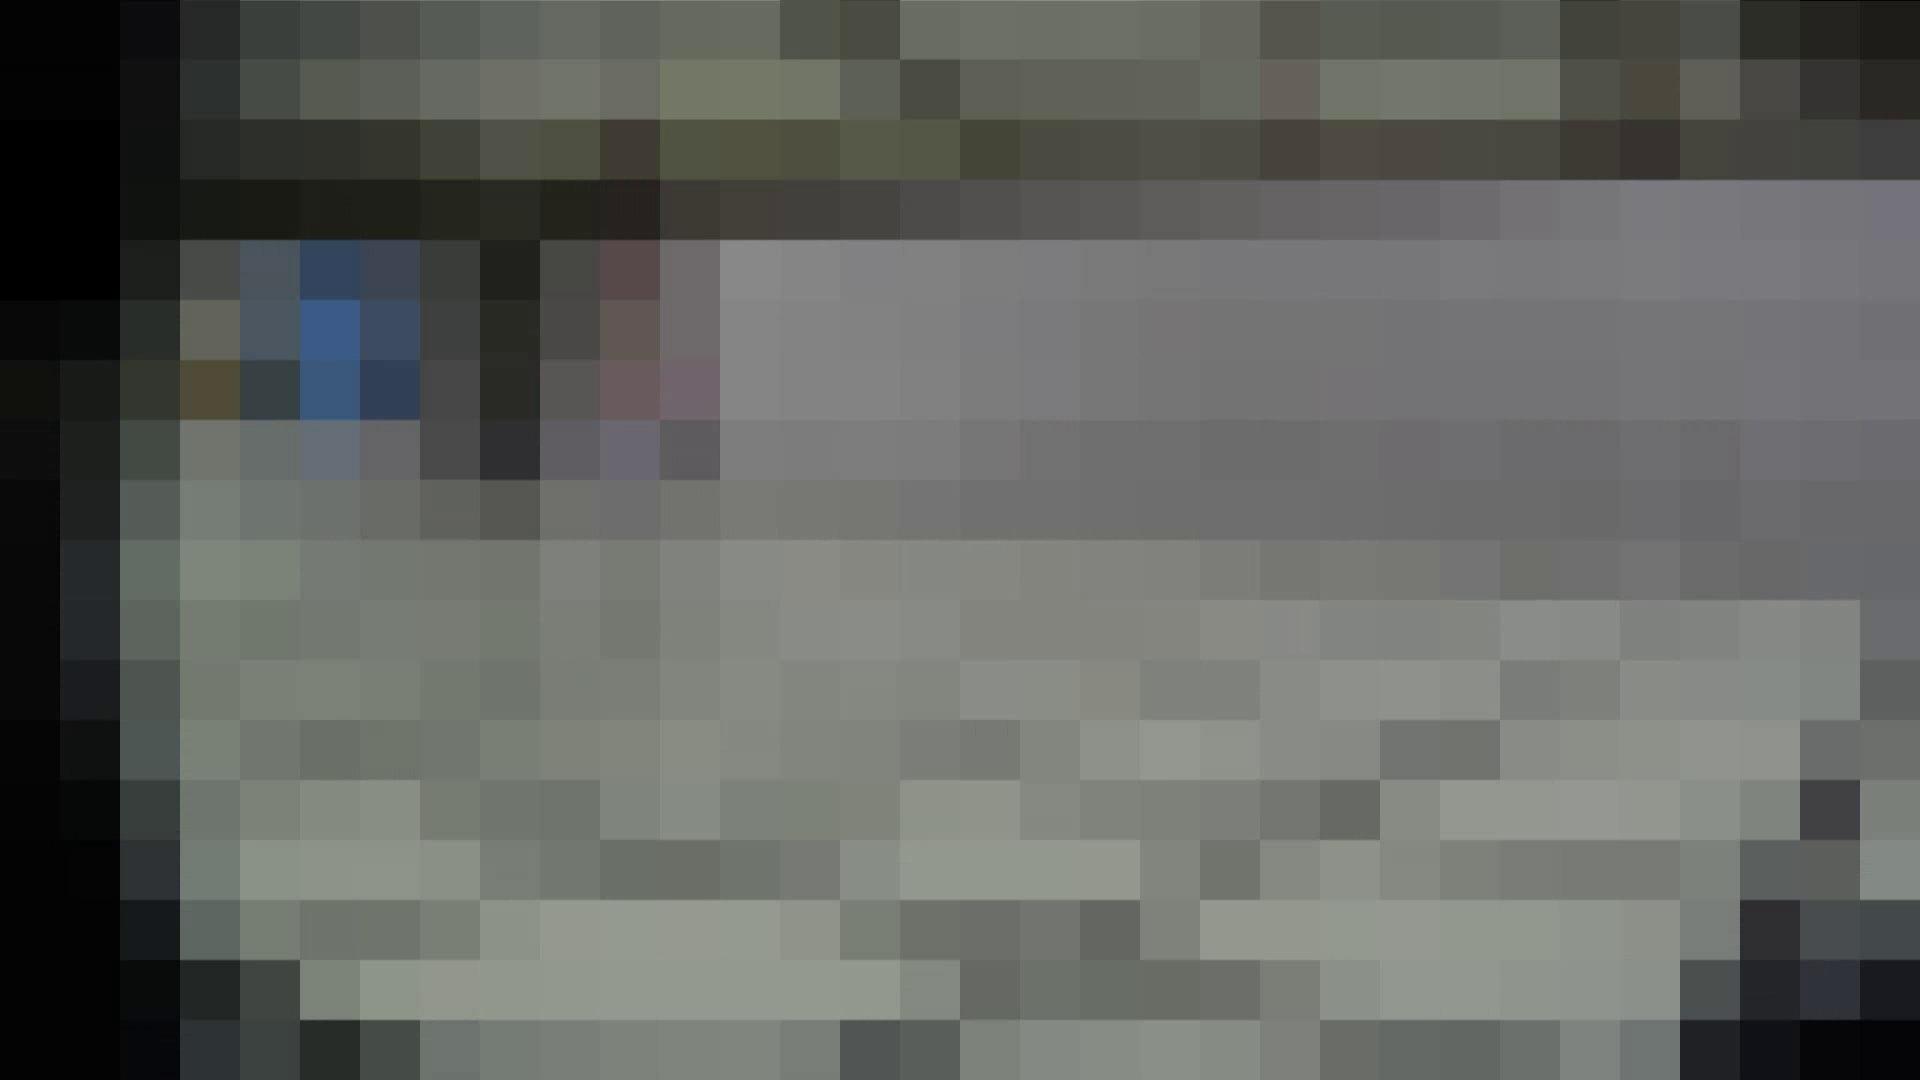 洗面所特攻隊vol.014 出れなくなって絶対絶命 洗面所のぞき  77枚 66